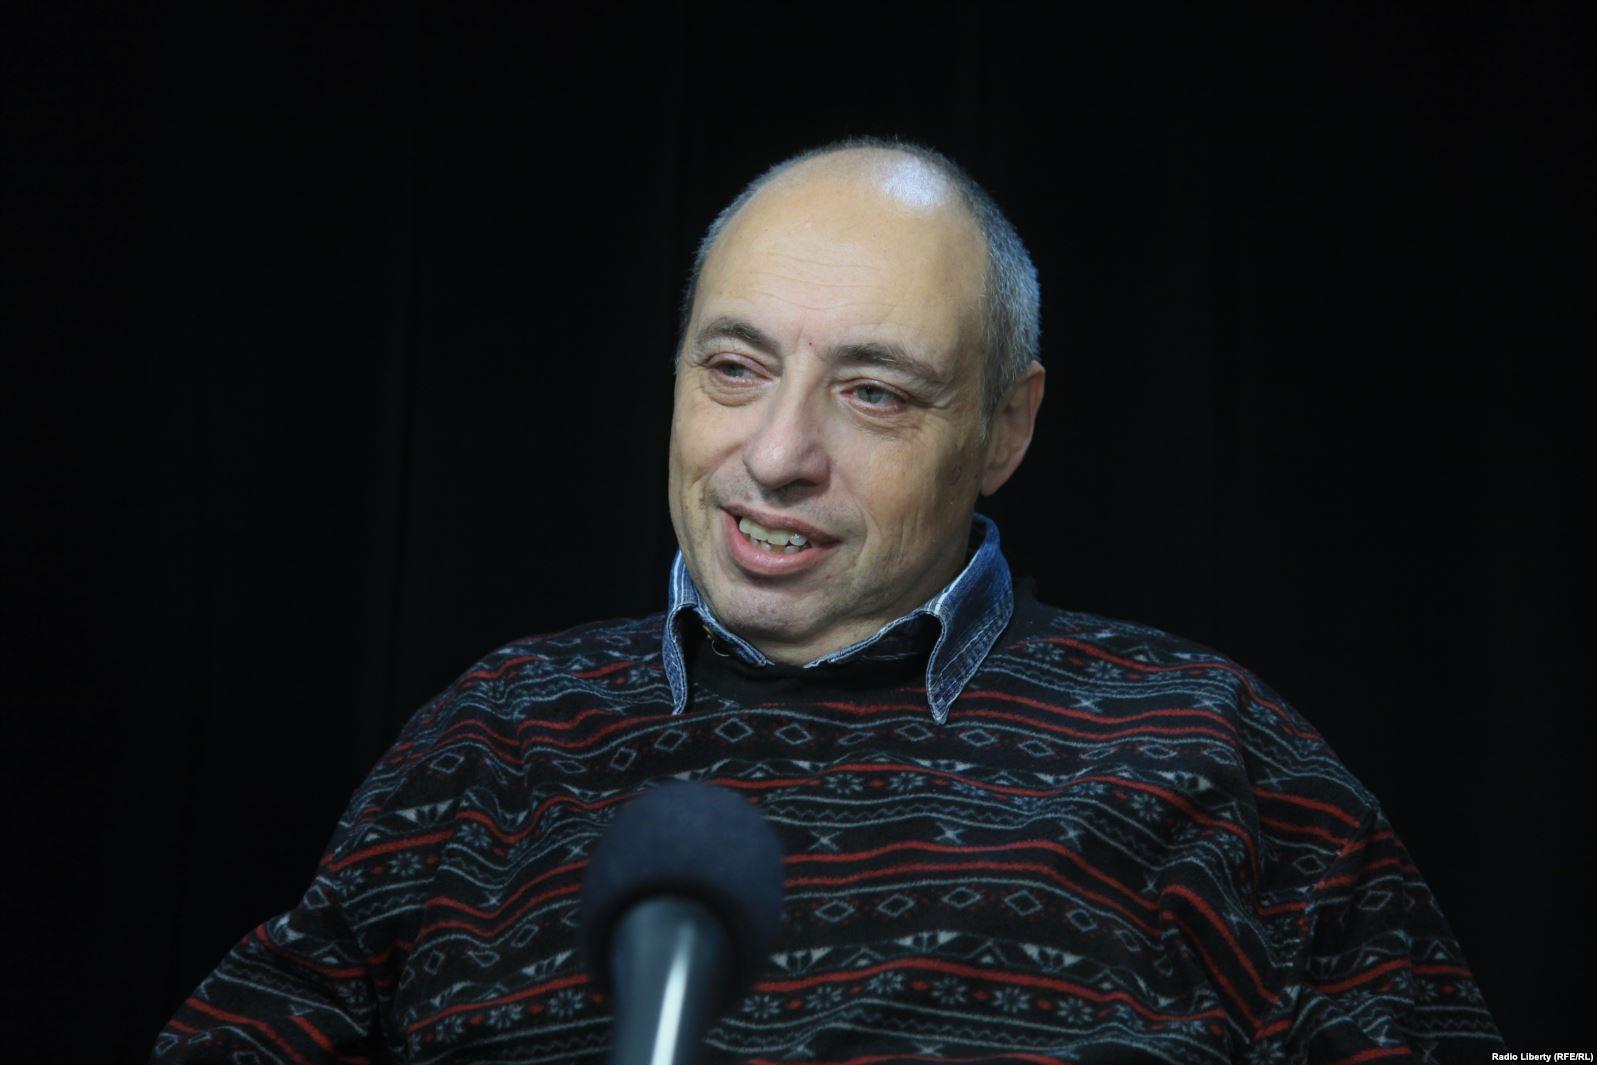 Российский правозащитник и публицист дал прогнозы о ближайшем будущем РФ